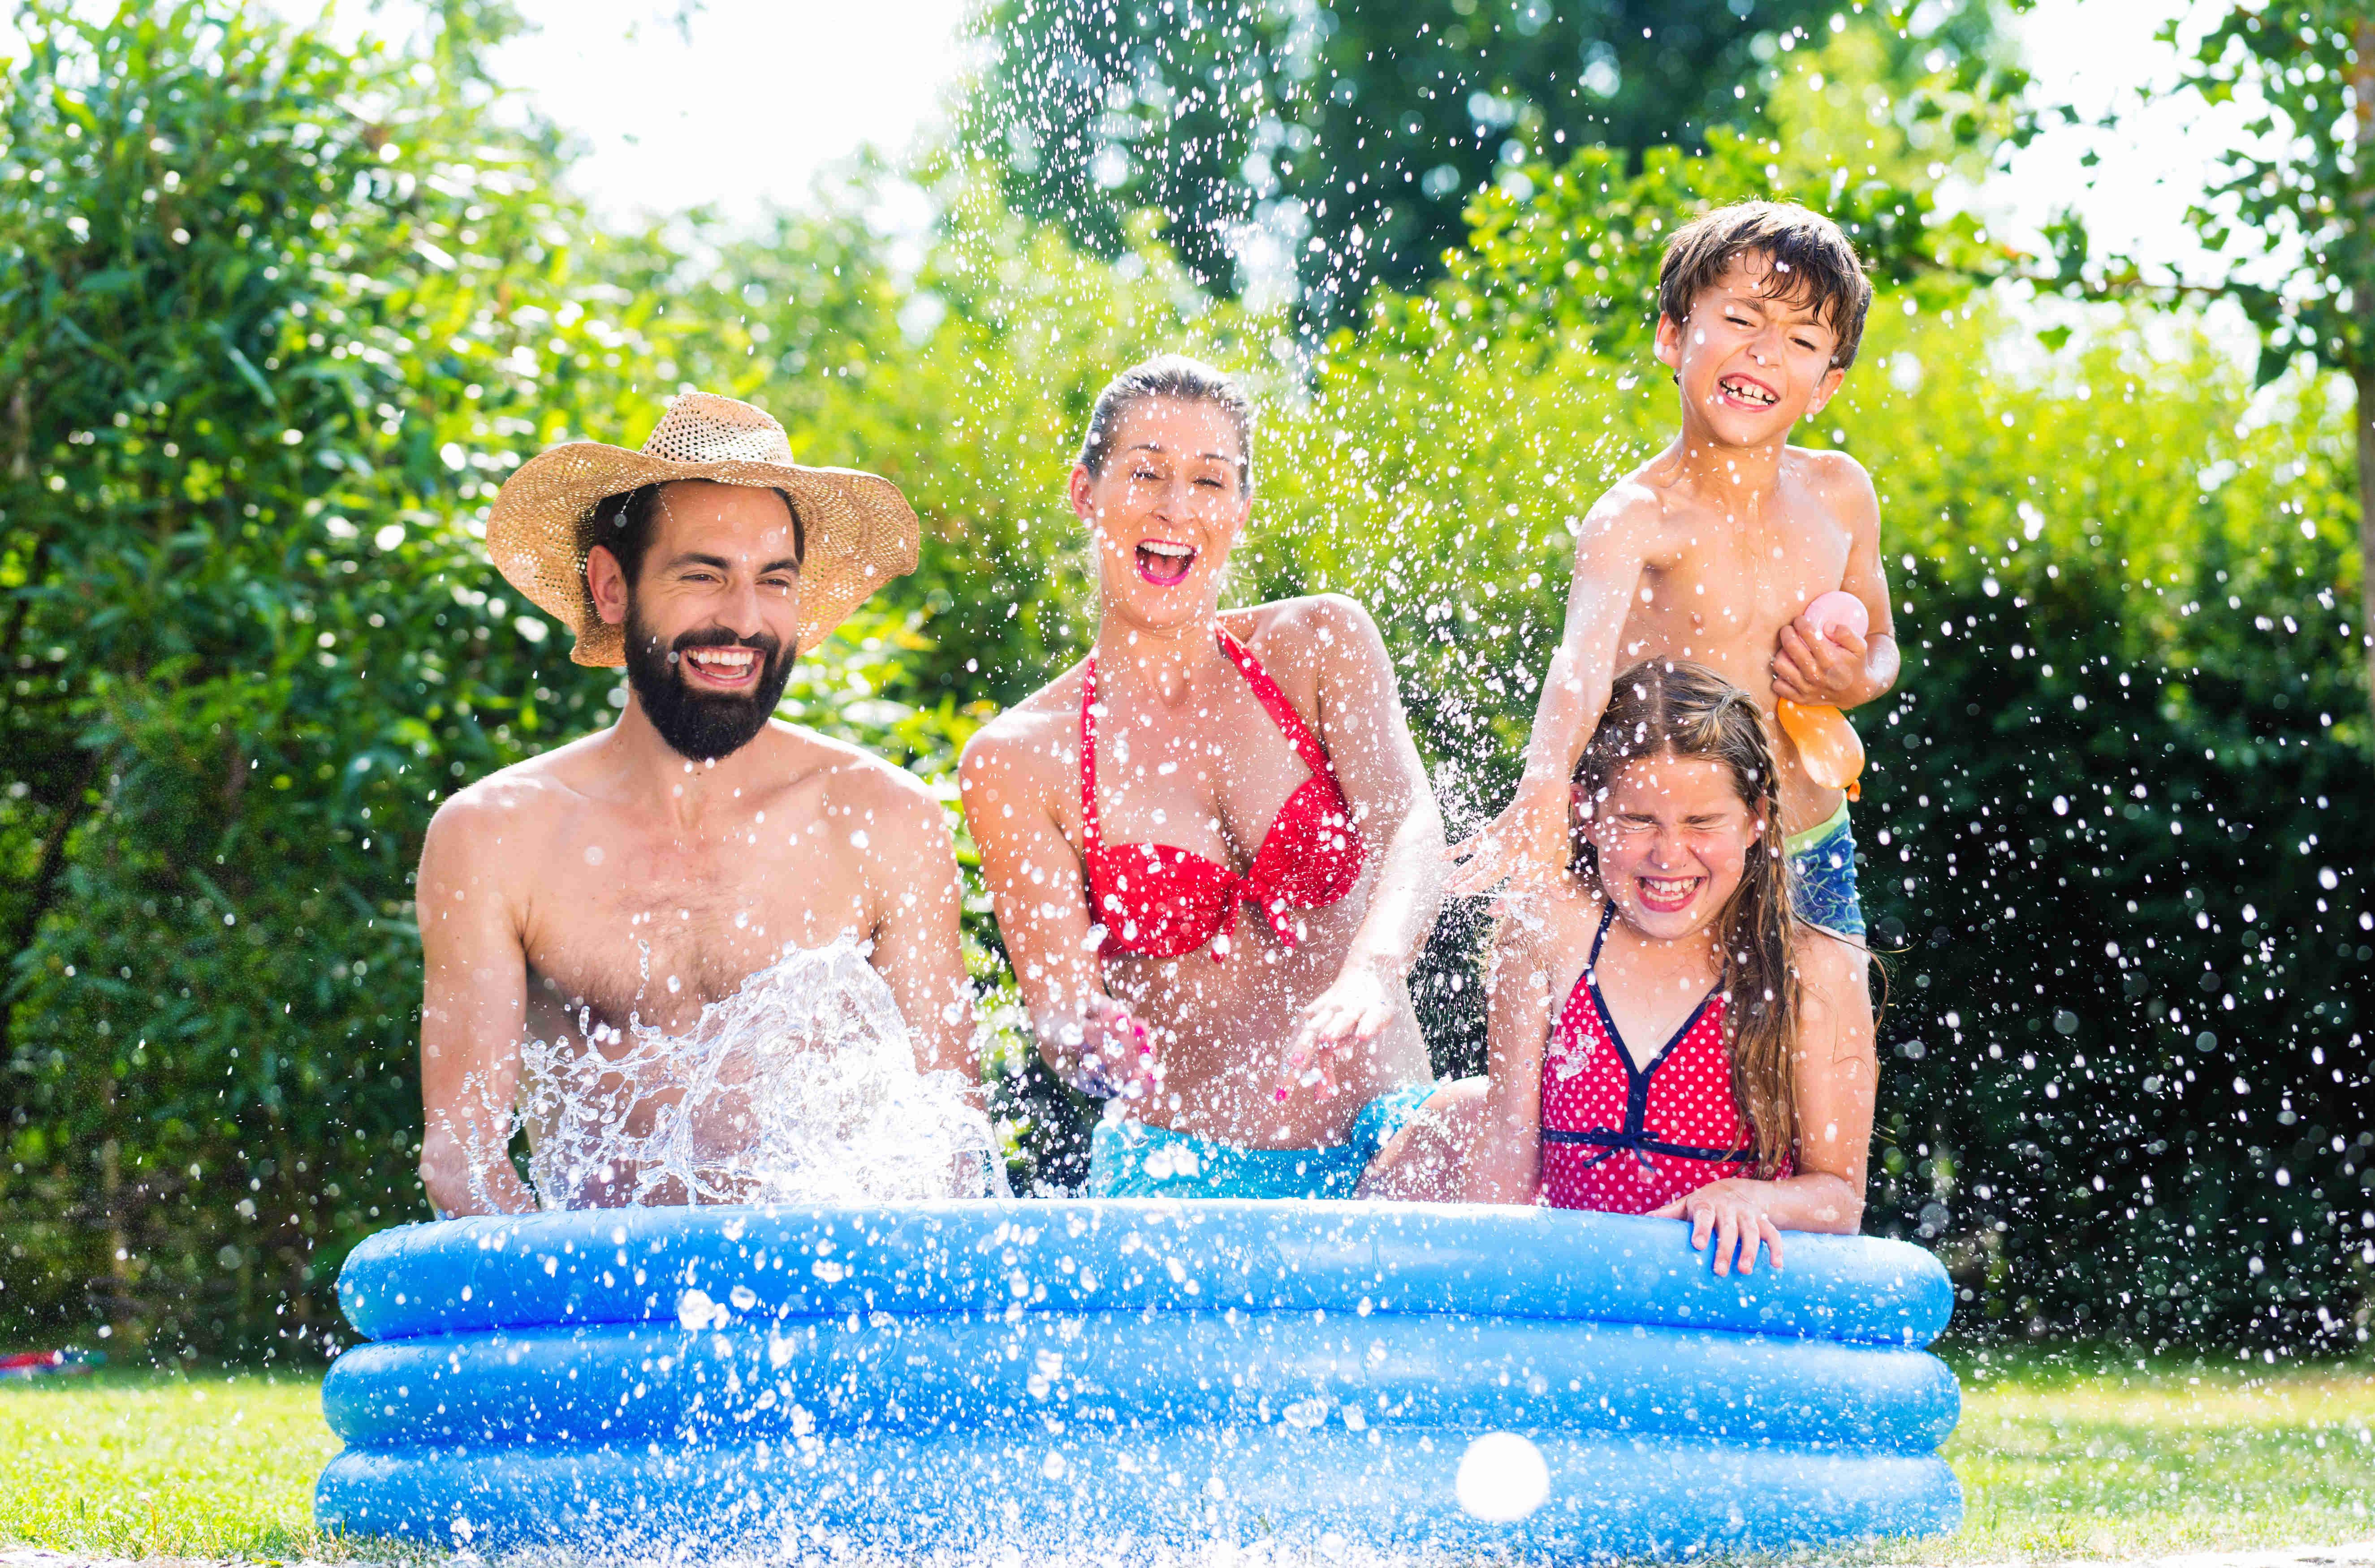 On adore - Blog La Foir'Fouille - 5 jeux d'eau amusants pour les petits et les grands